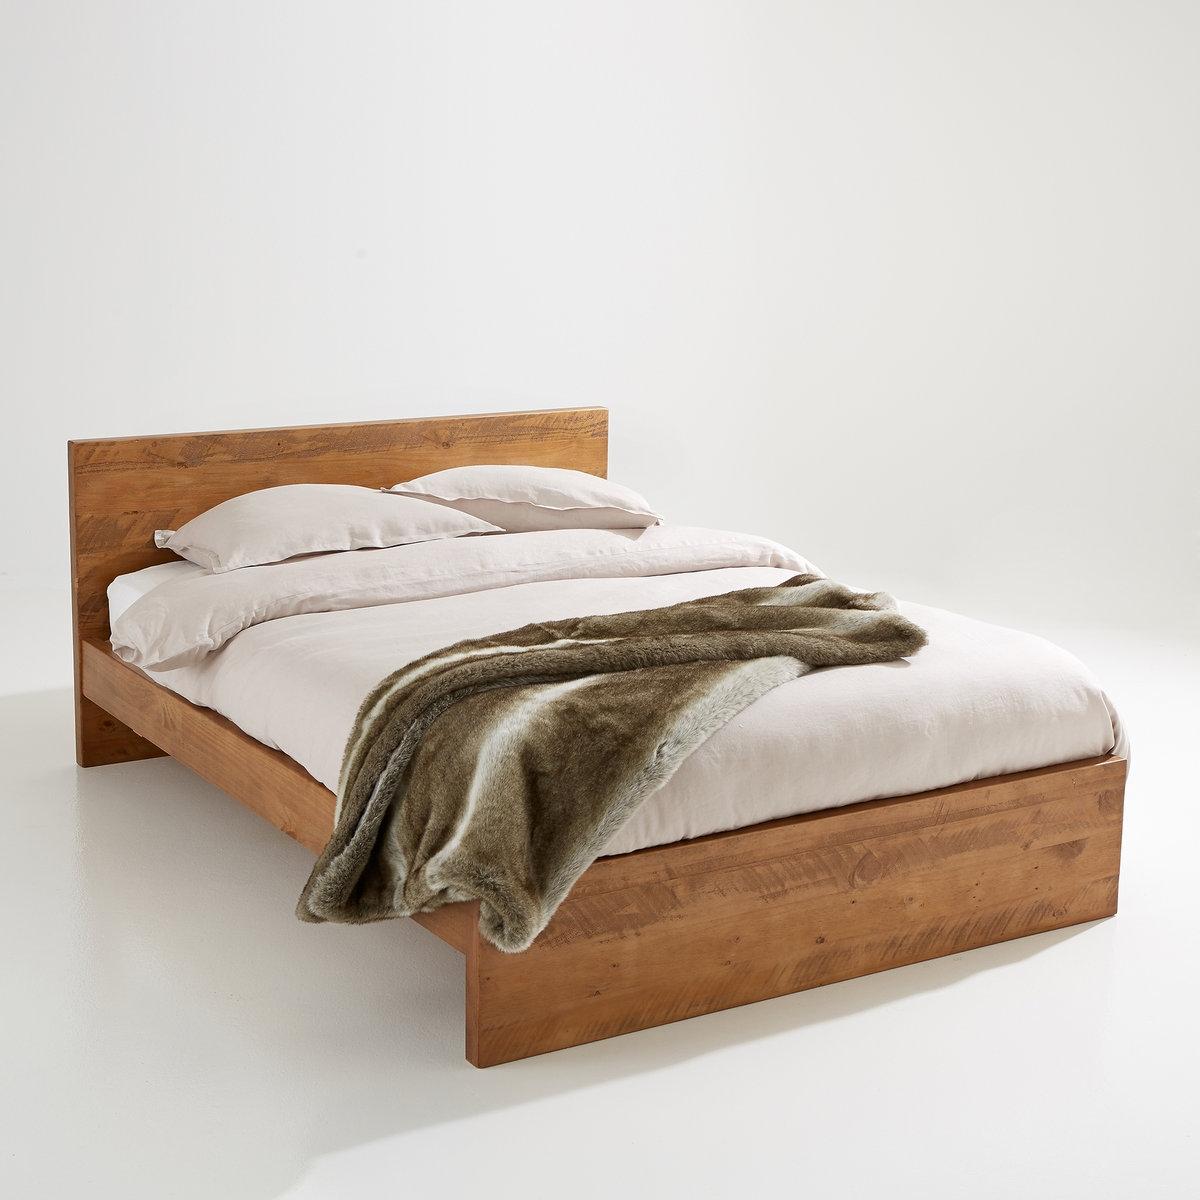 Кровать LaRedoute Из массива сосны Lunja 160 x 200 см бежевый